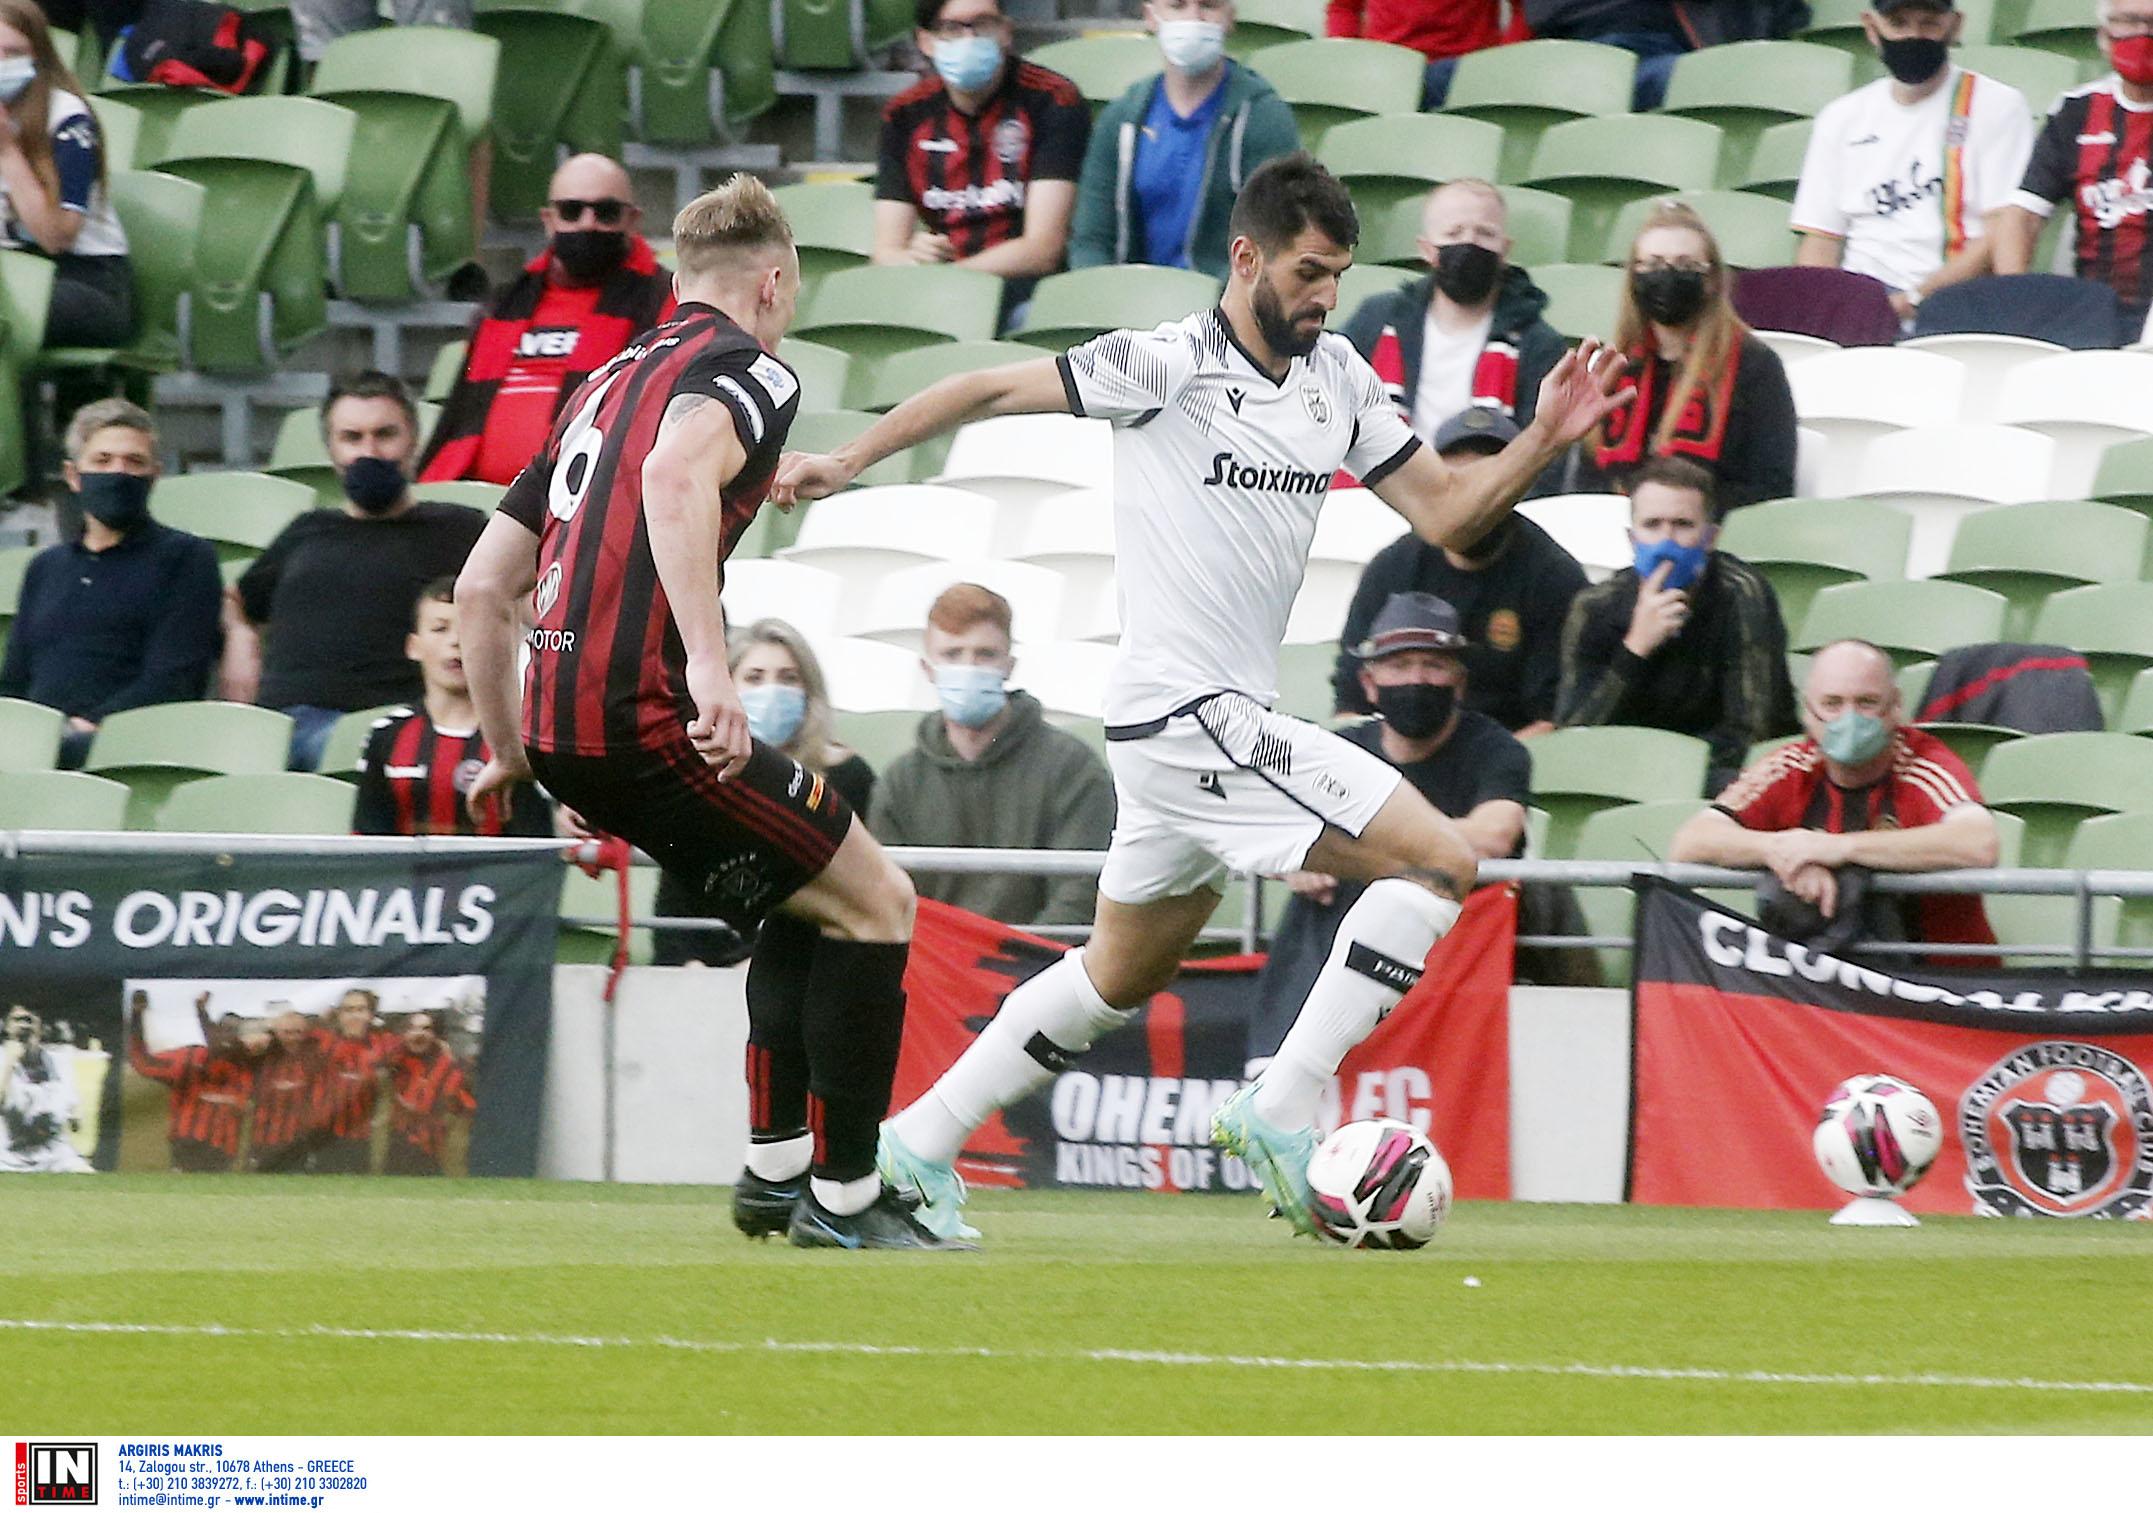 Μποέμιαν – ΠΑΟΚ 2-1 ΤΕΛΙΚΟ για τον 3ο προκριματικό γύρο του Europa Conference League